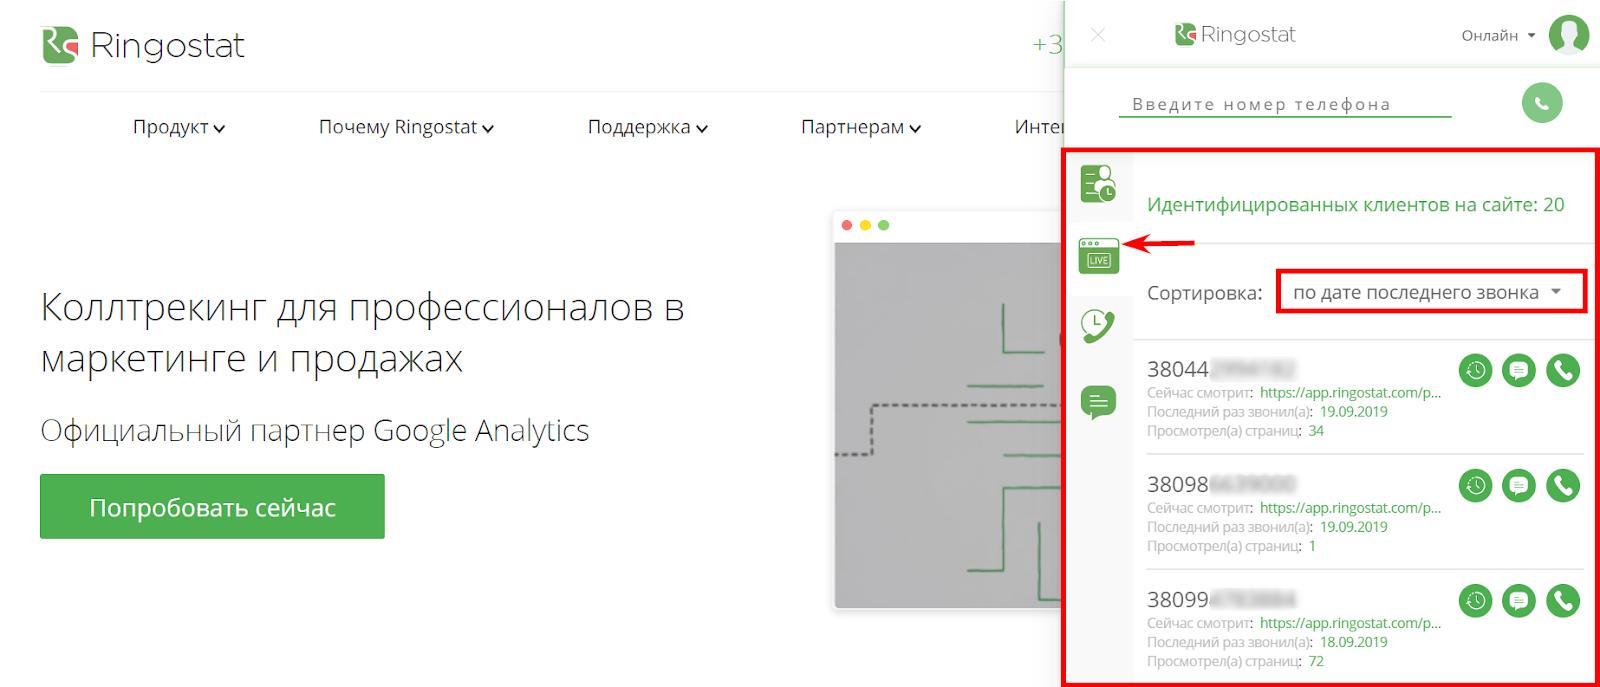 Обновления Ringostat: отслеживание клиентов на сайте, улучшенные интеграции с CRM и выход сквозной аналитики из беты